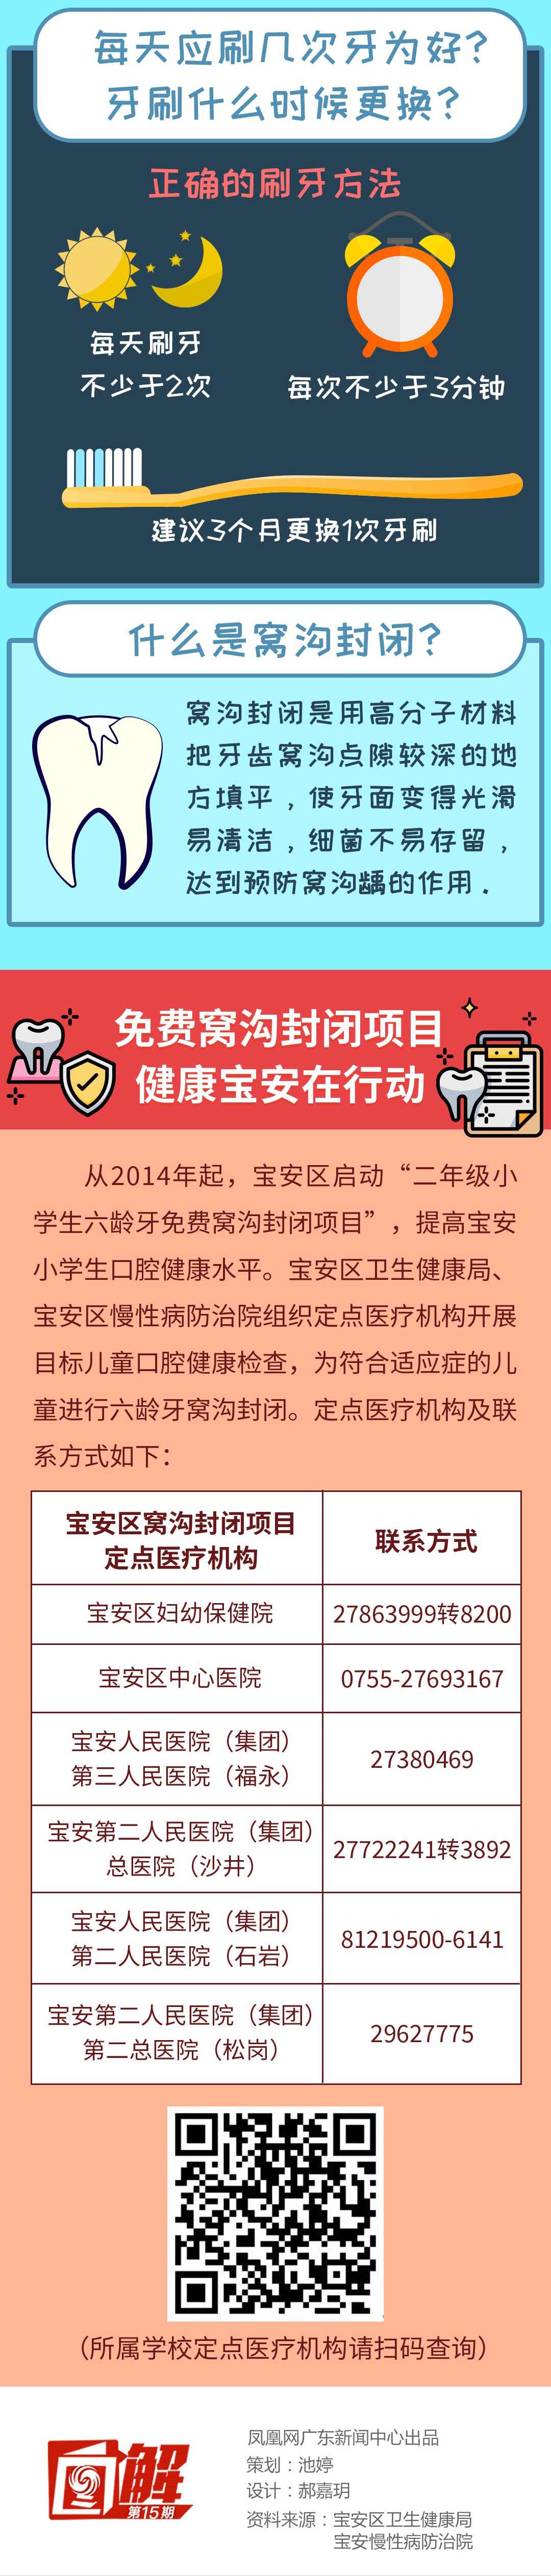 一图读懂 深圳市正式启动社会心理服务体系建设试点工作